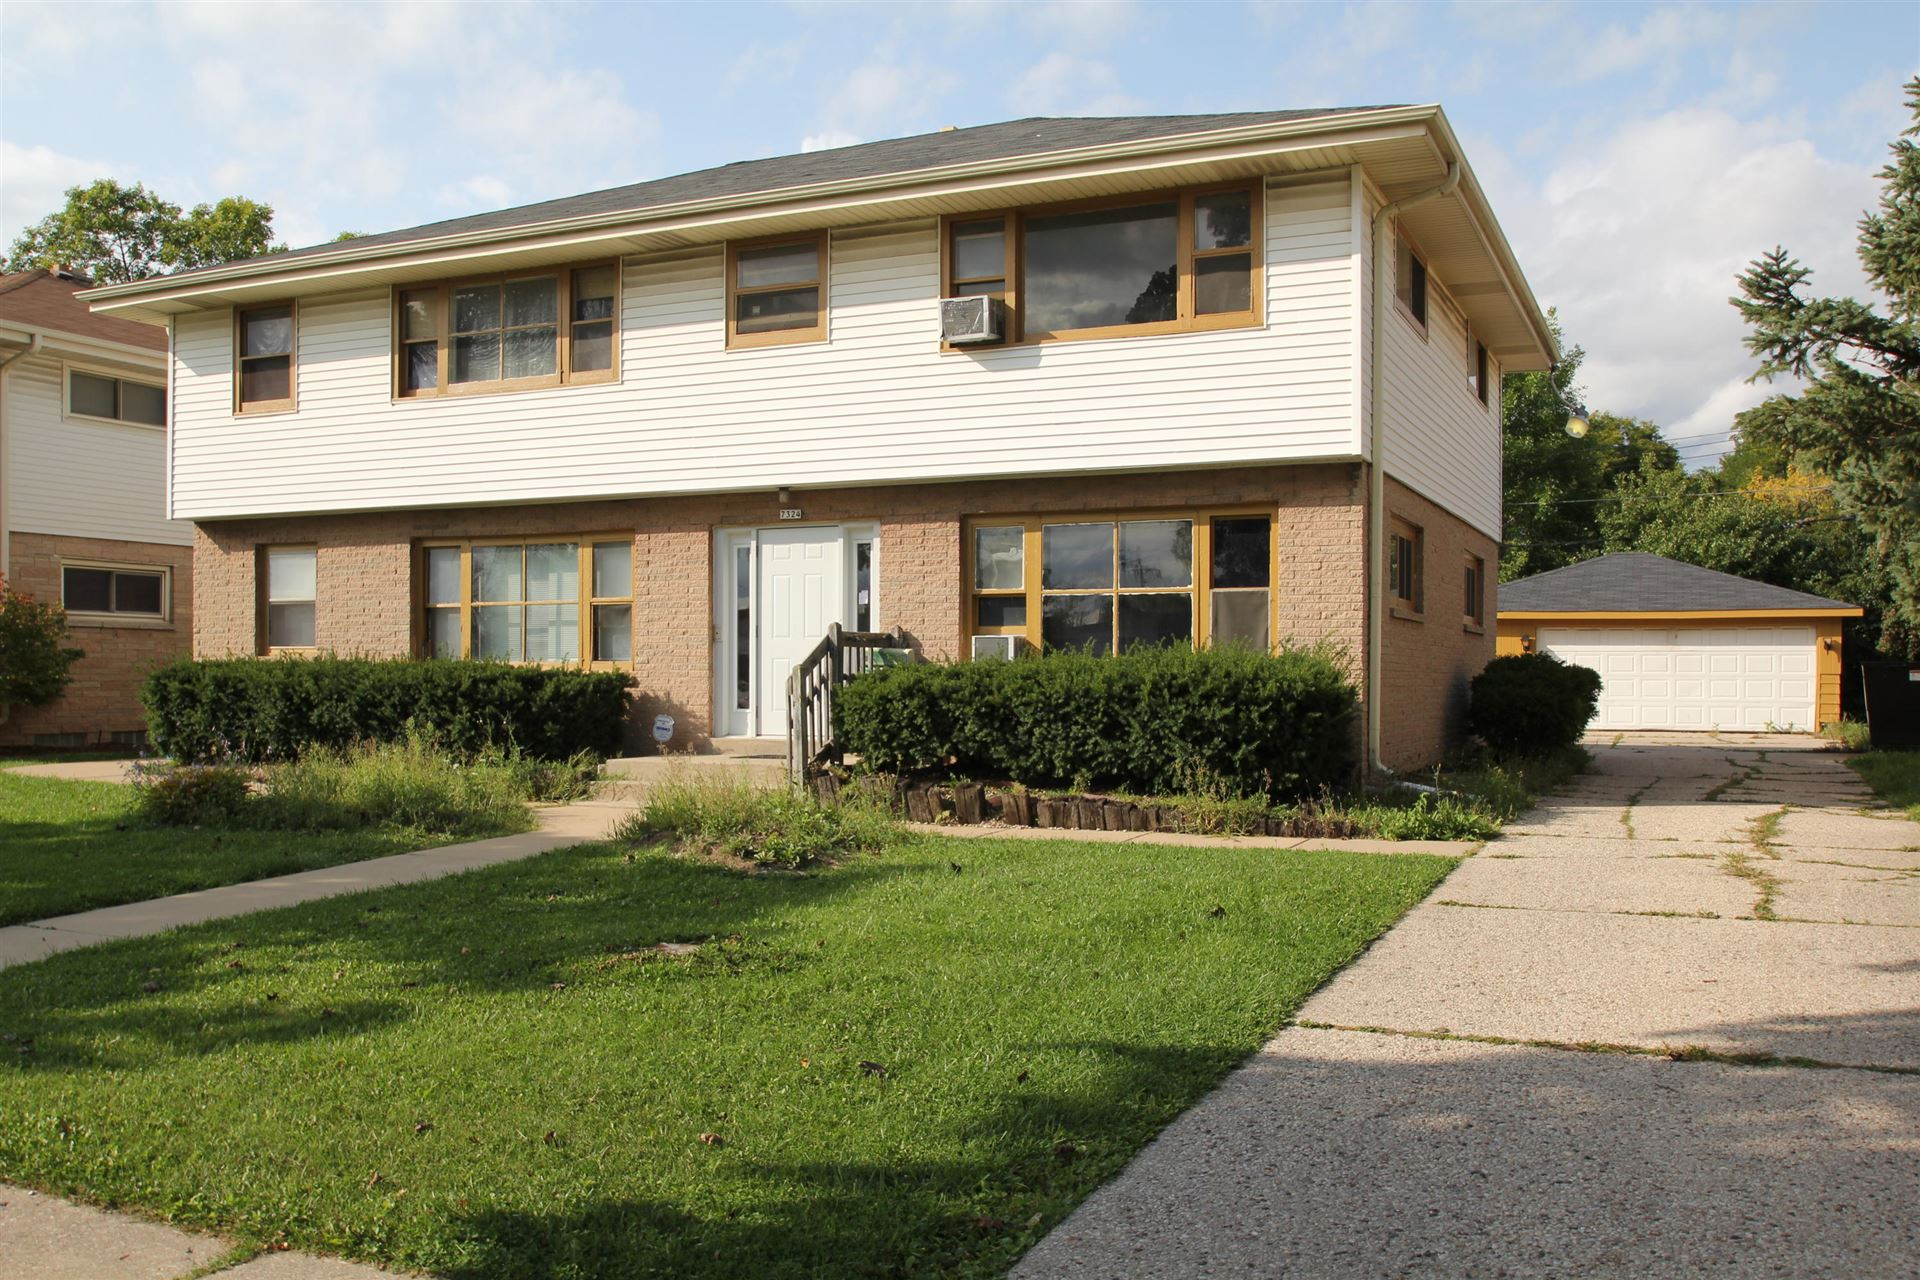 7324 W Oklahoma Ave, West Allis, WI 53219 - #: 1710620